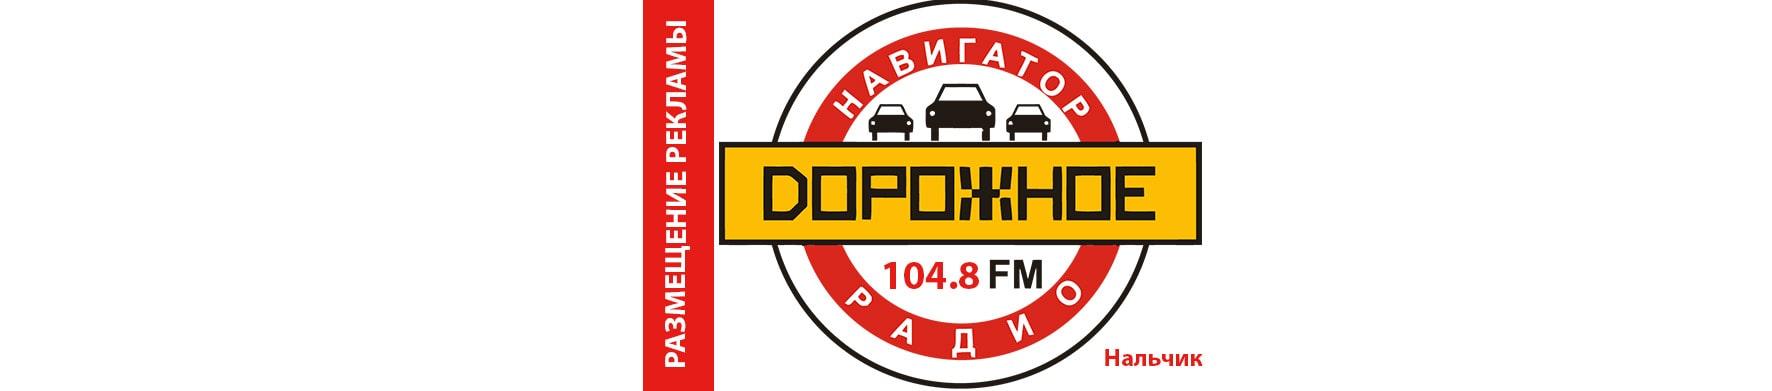 Реклама на радио в Кабардино-Балкарии дорожное